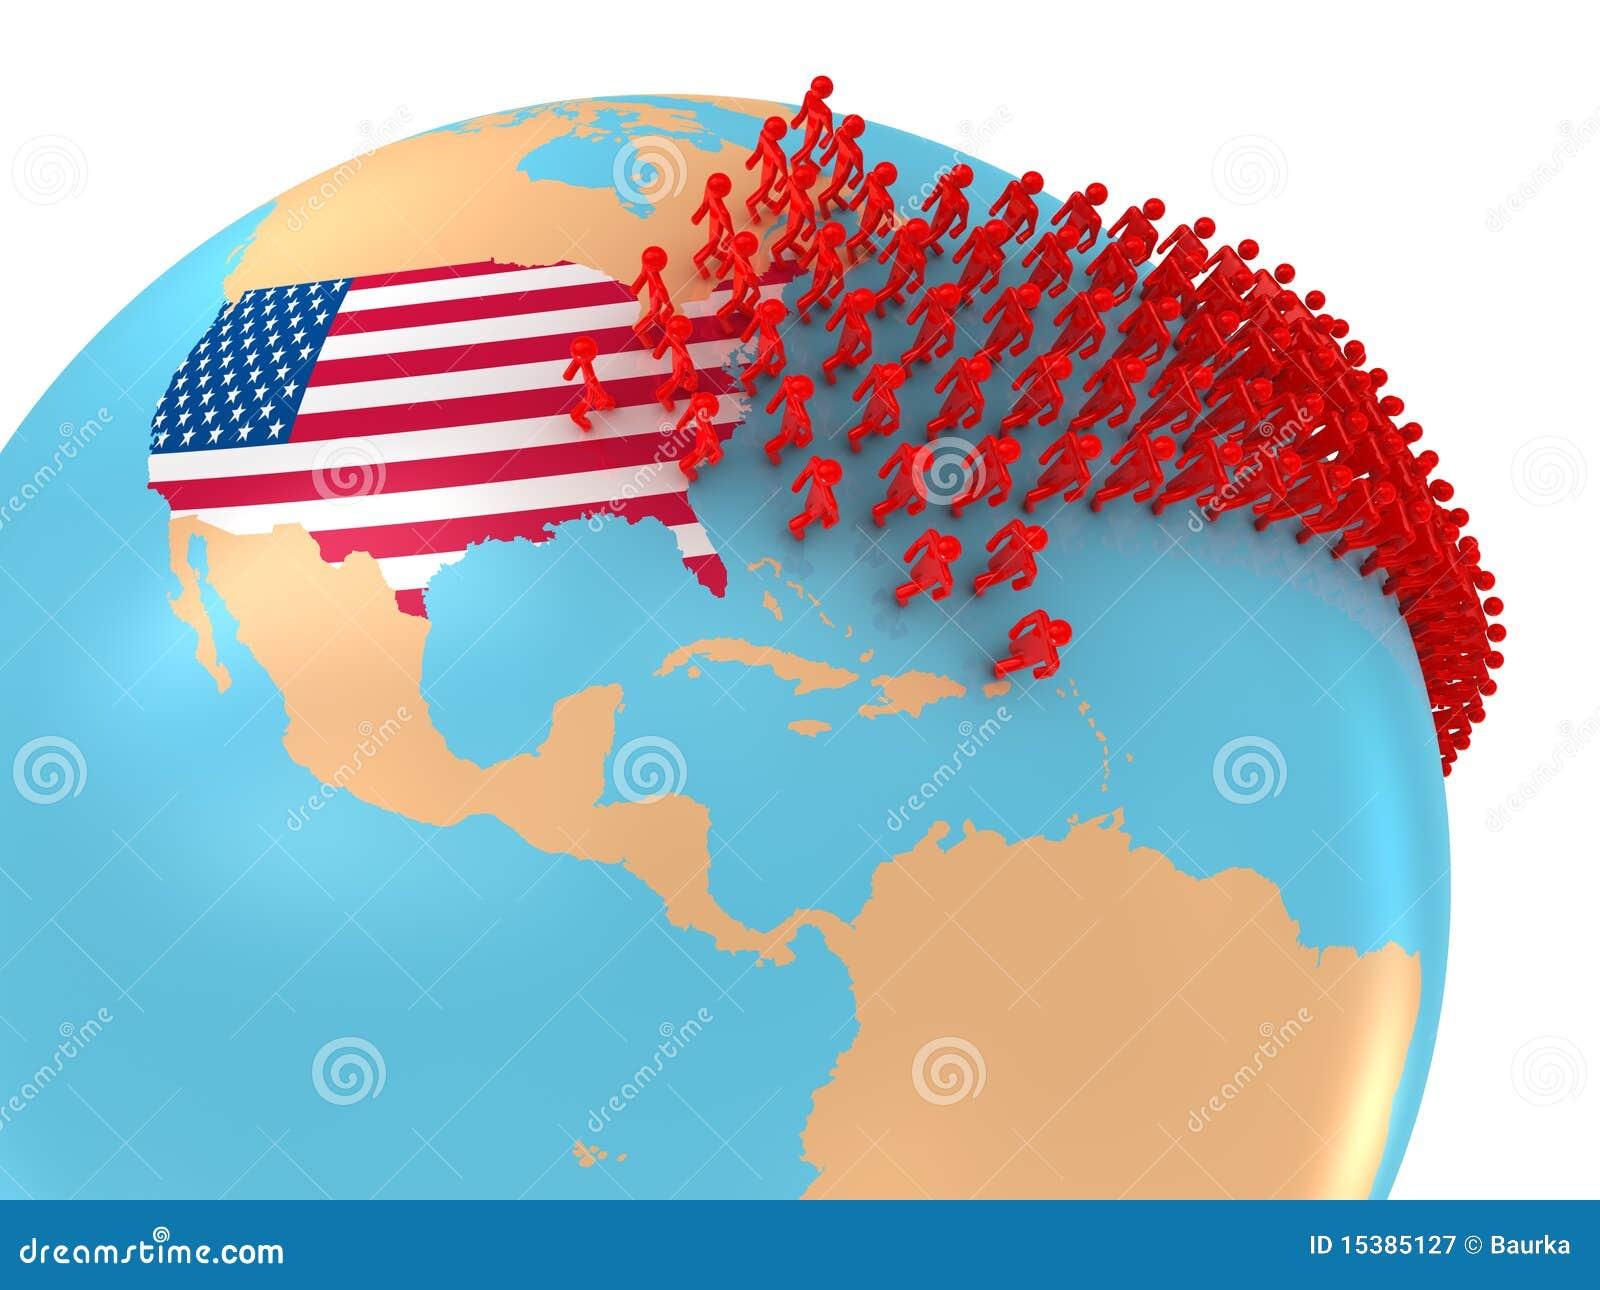 Antal Väskor Till Usa : Invandring till usa royaltyfri fotografi bild